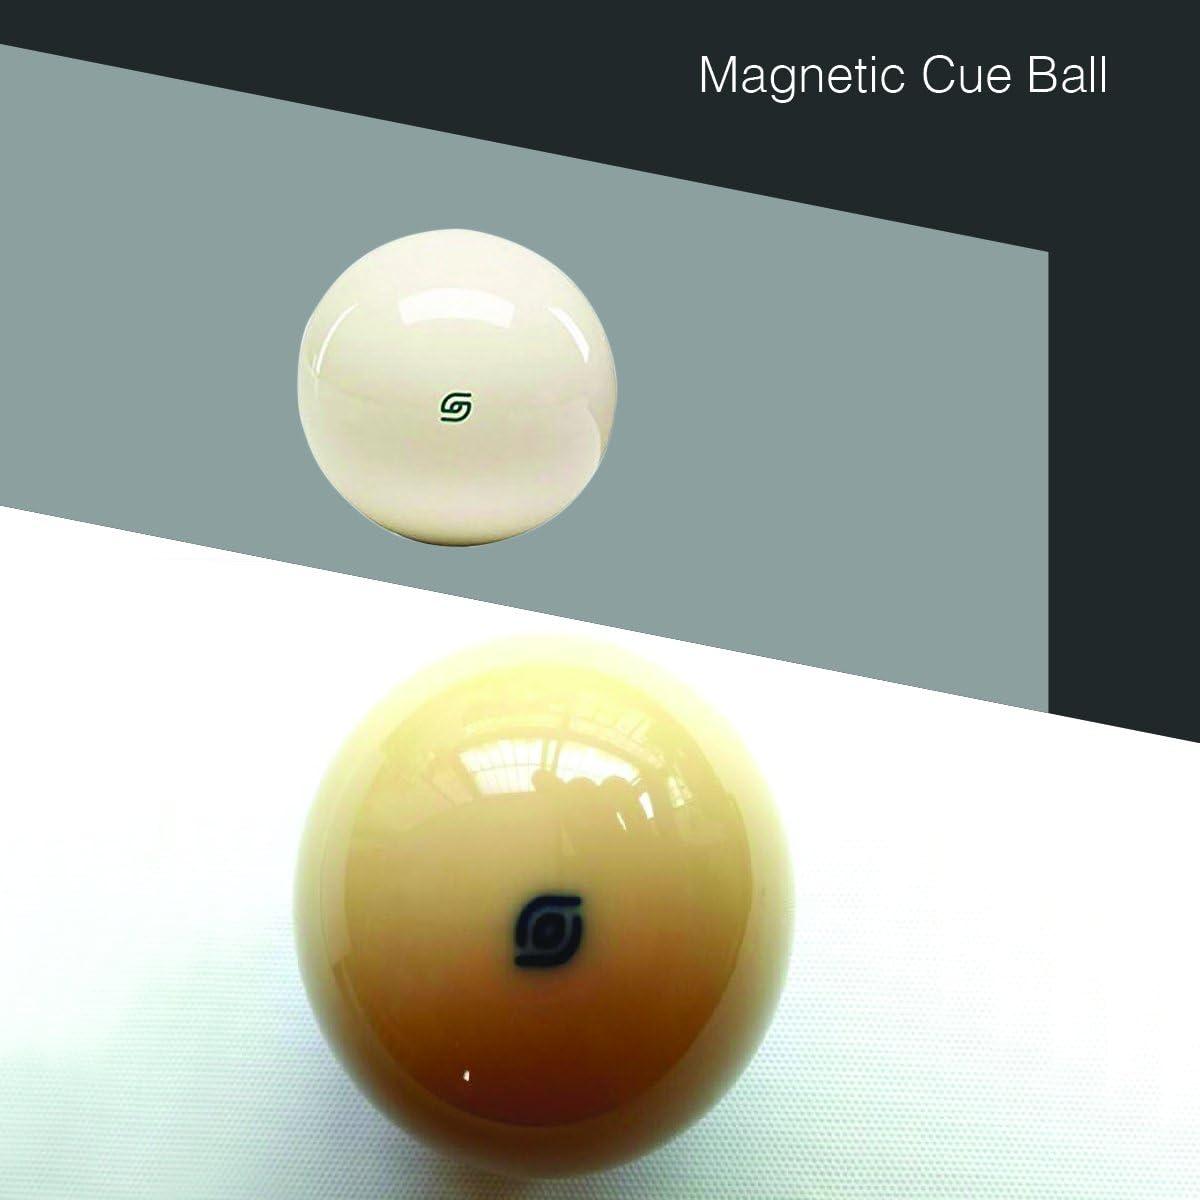 Auténtica magnético torneo de bola de billar para Coin-op mesas de billar, Blanco: Amazon.es: Deportes y aire libre